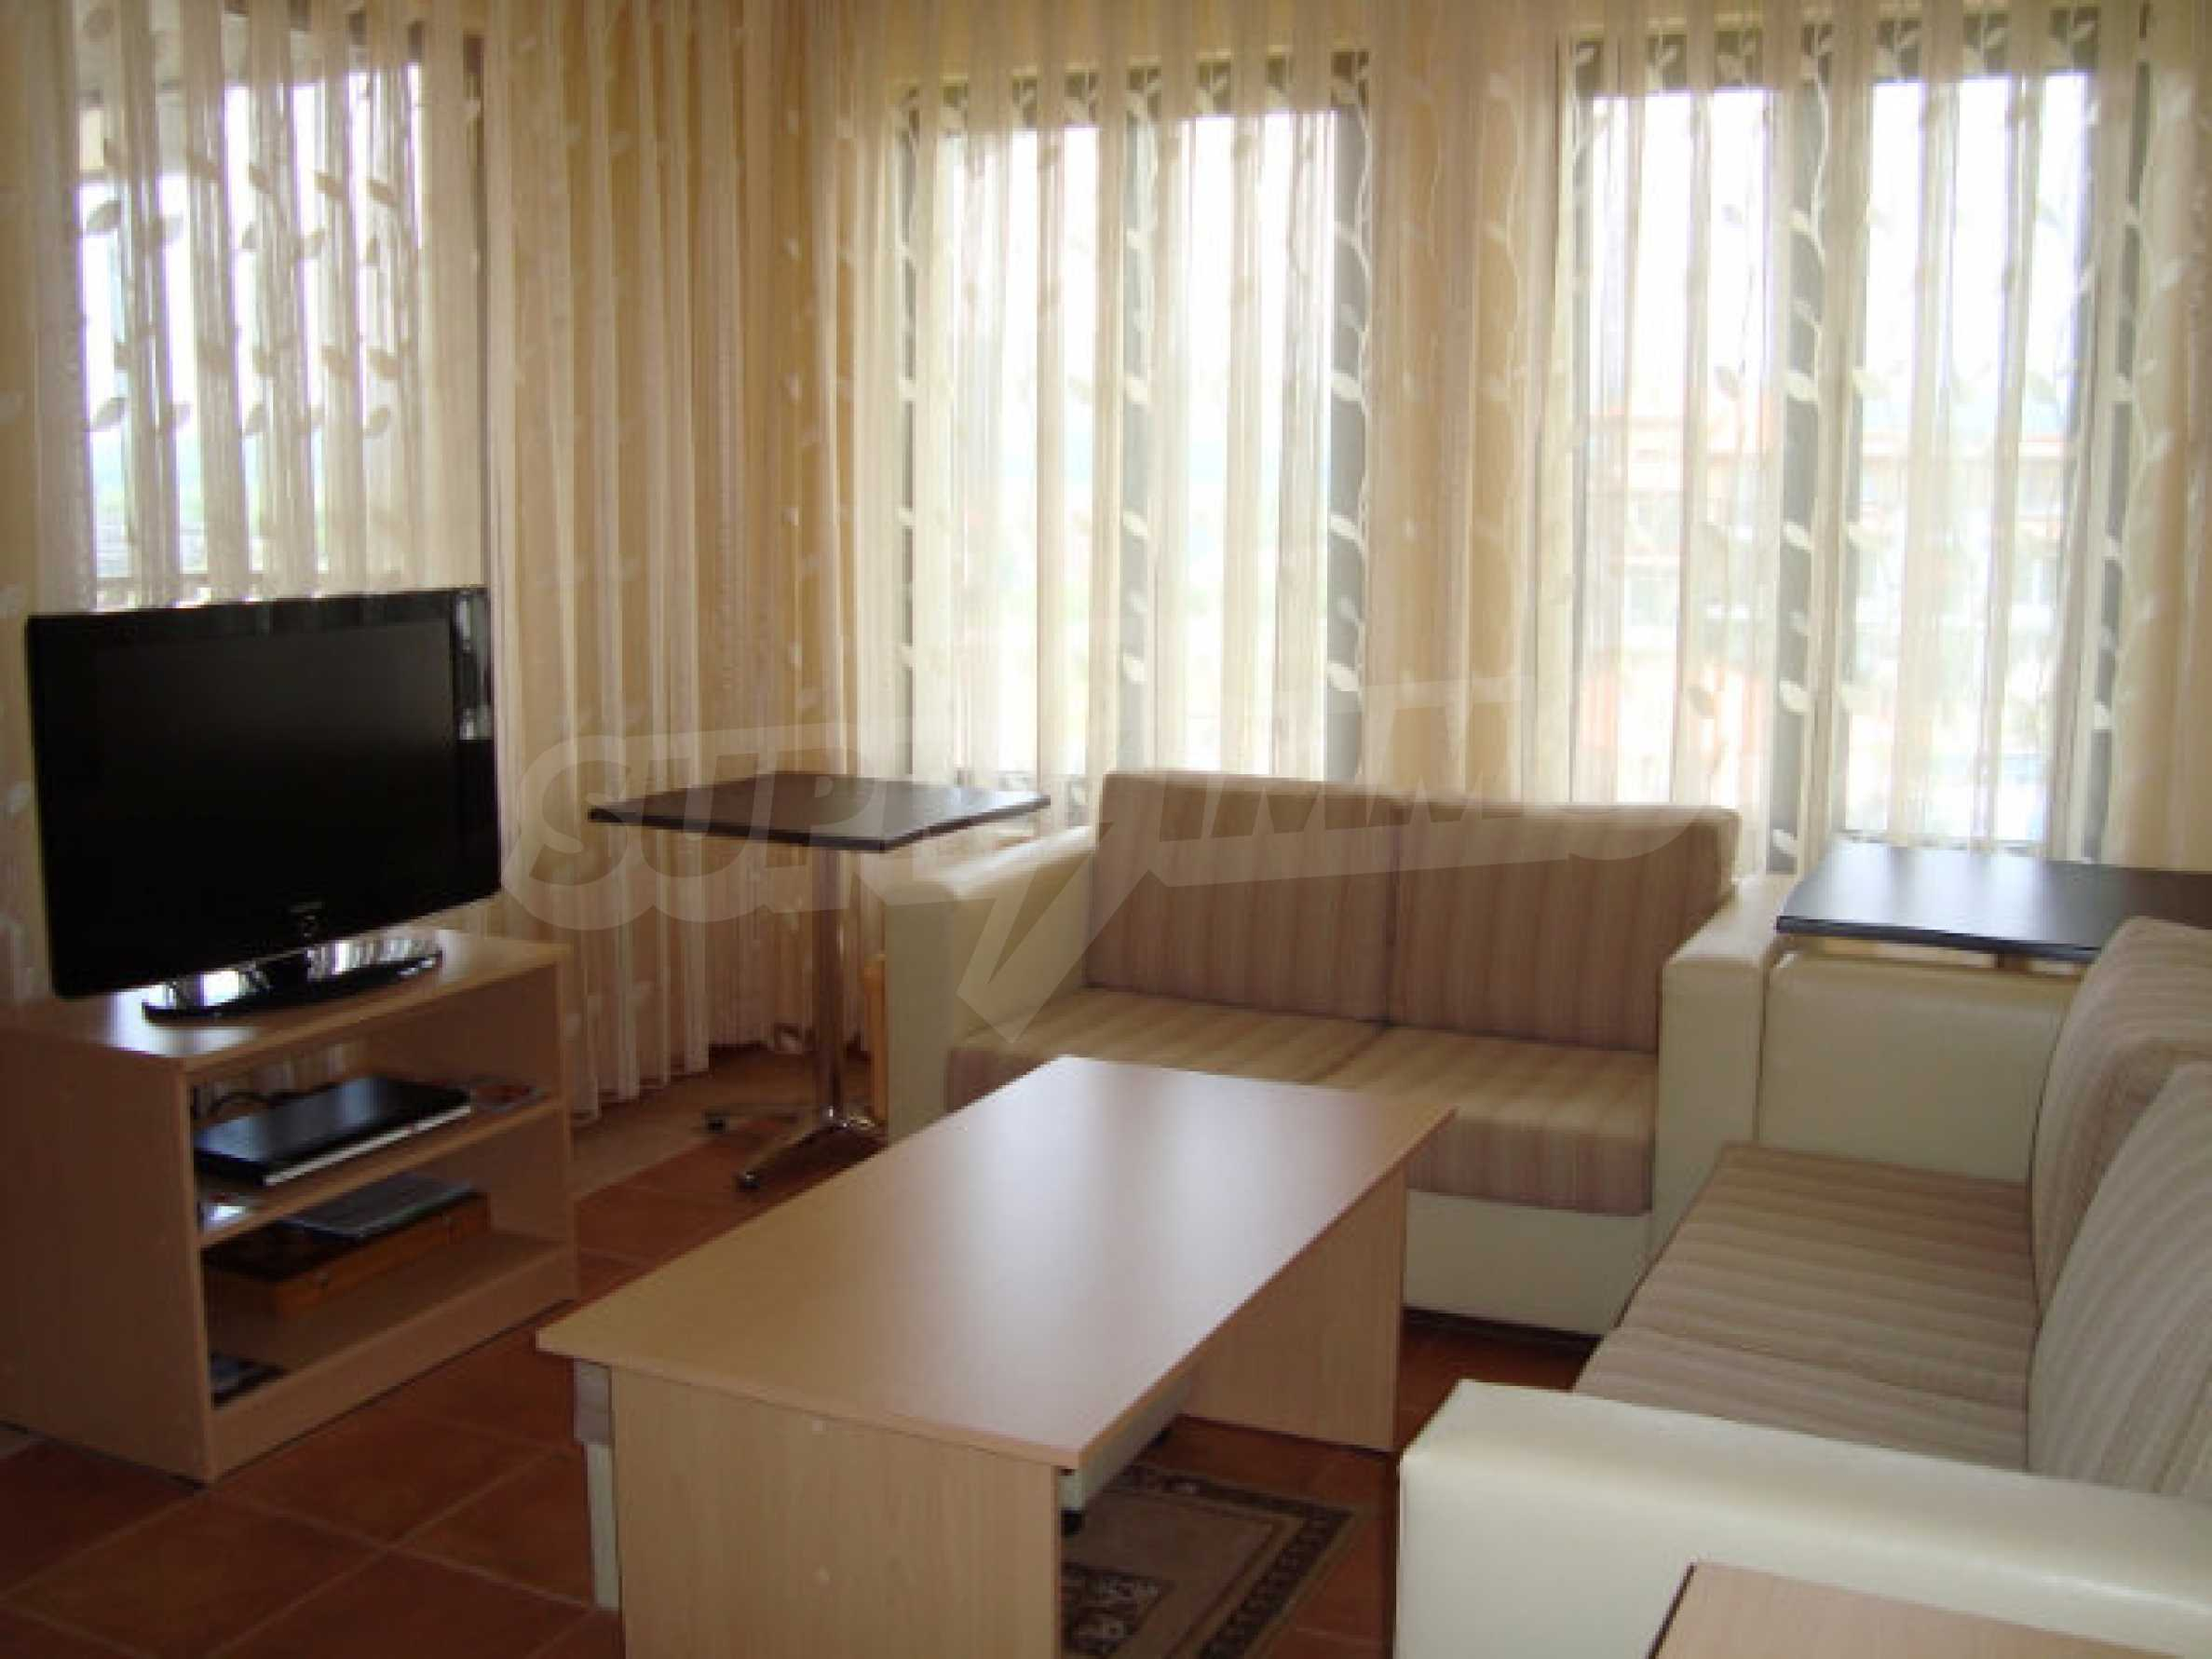 Luxus-Apartment mit zwei Schlafzimmern in einem ausgezeichneten Komplex in Chernomorets 6